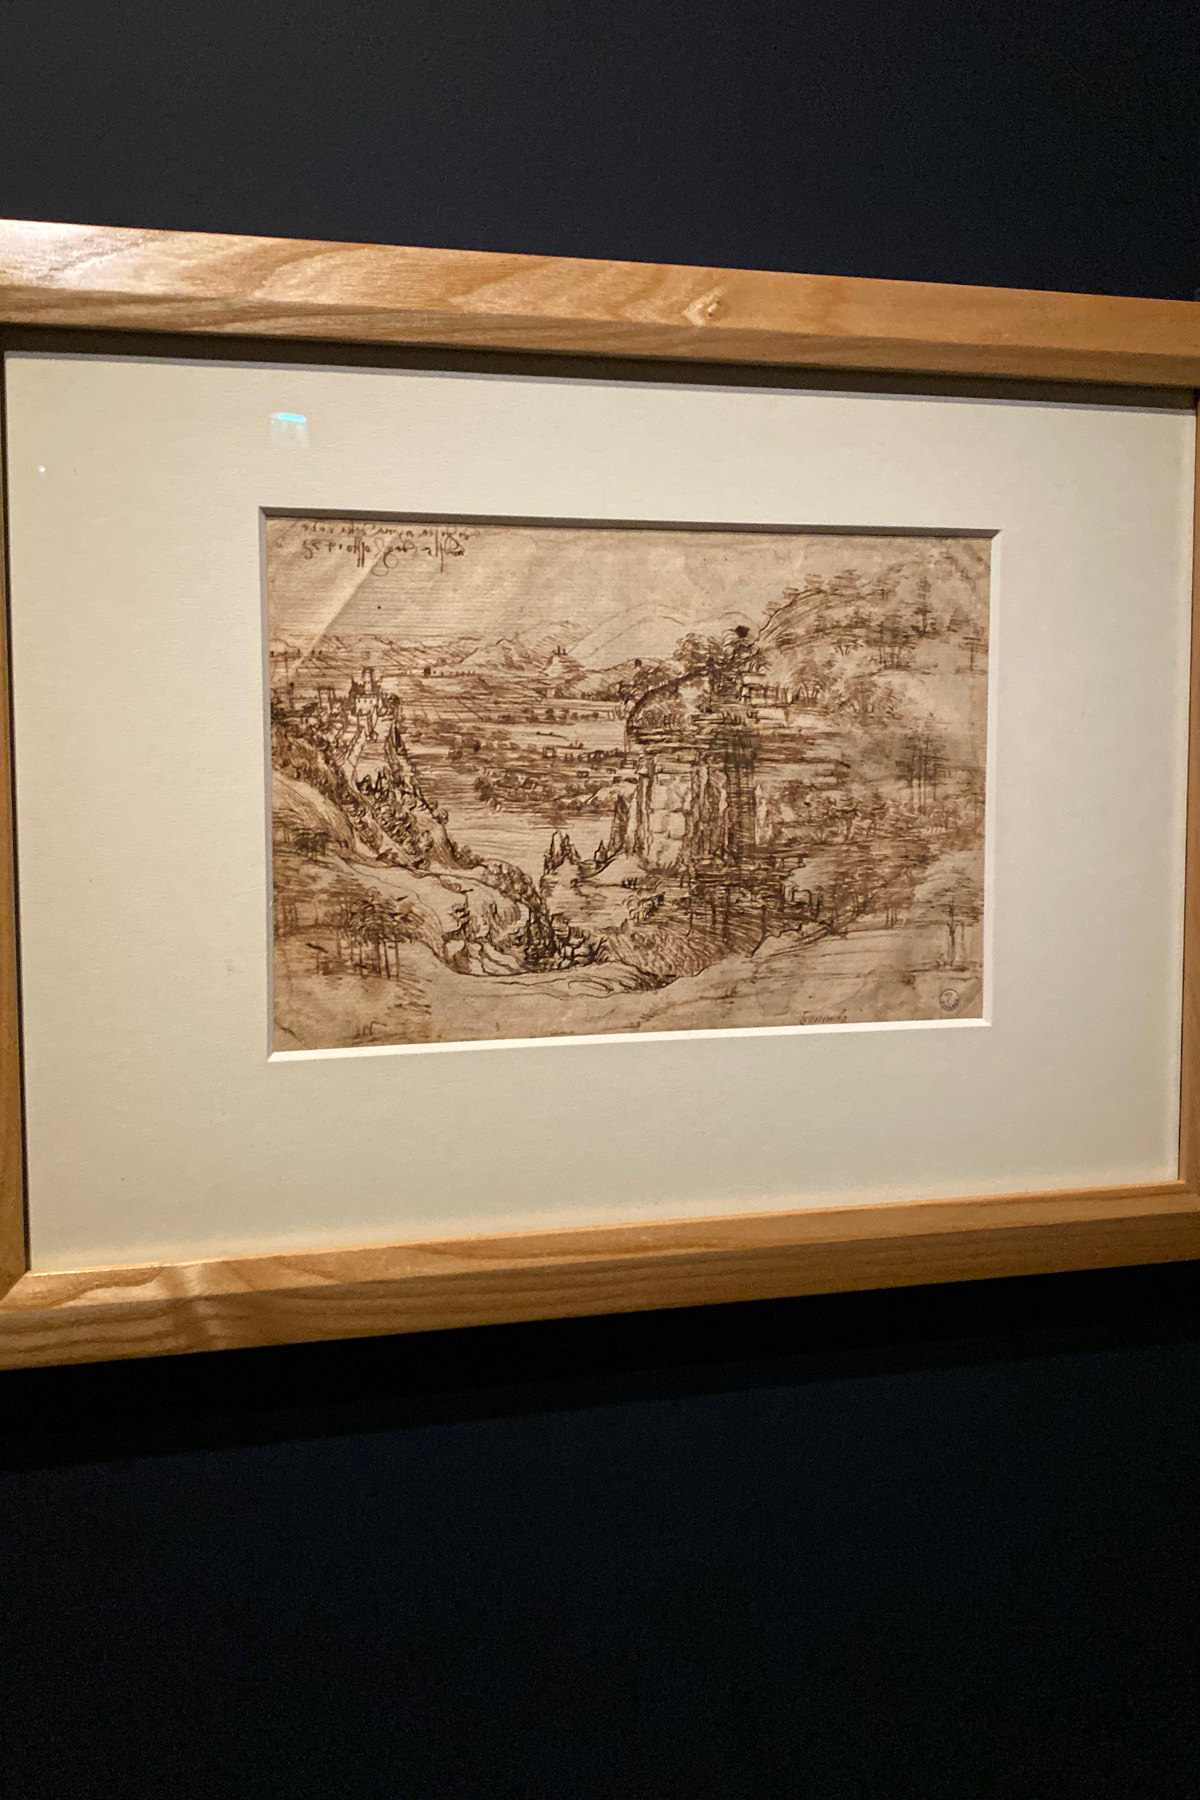 Leonardo da Vinci Exhibition in the Louvre Museum: Landscape drawing for Santa Maria della Neve